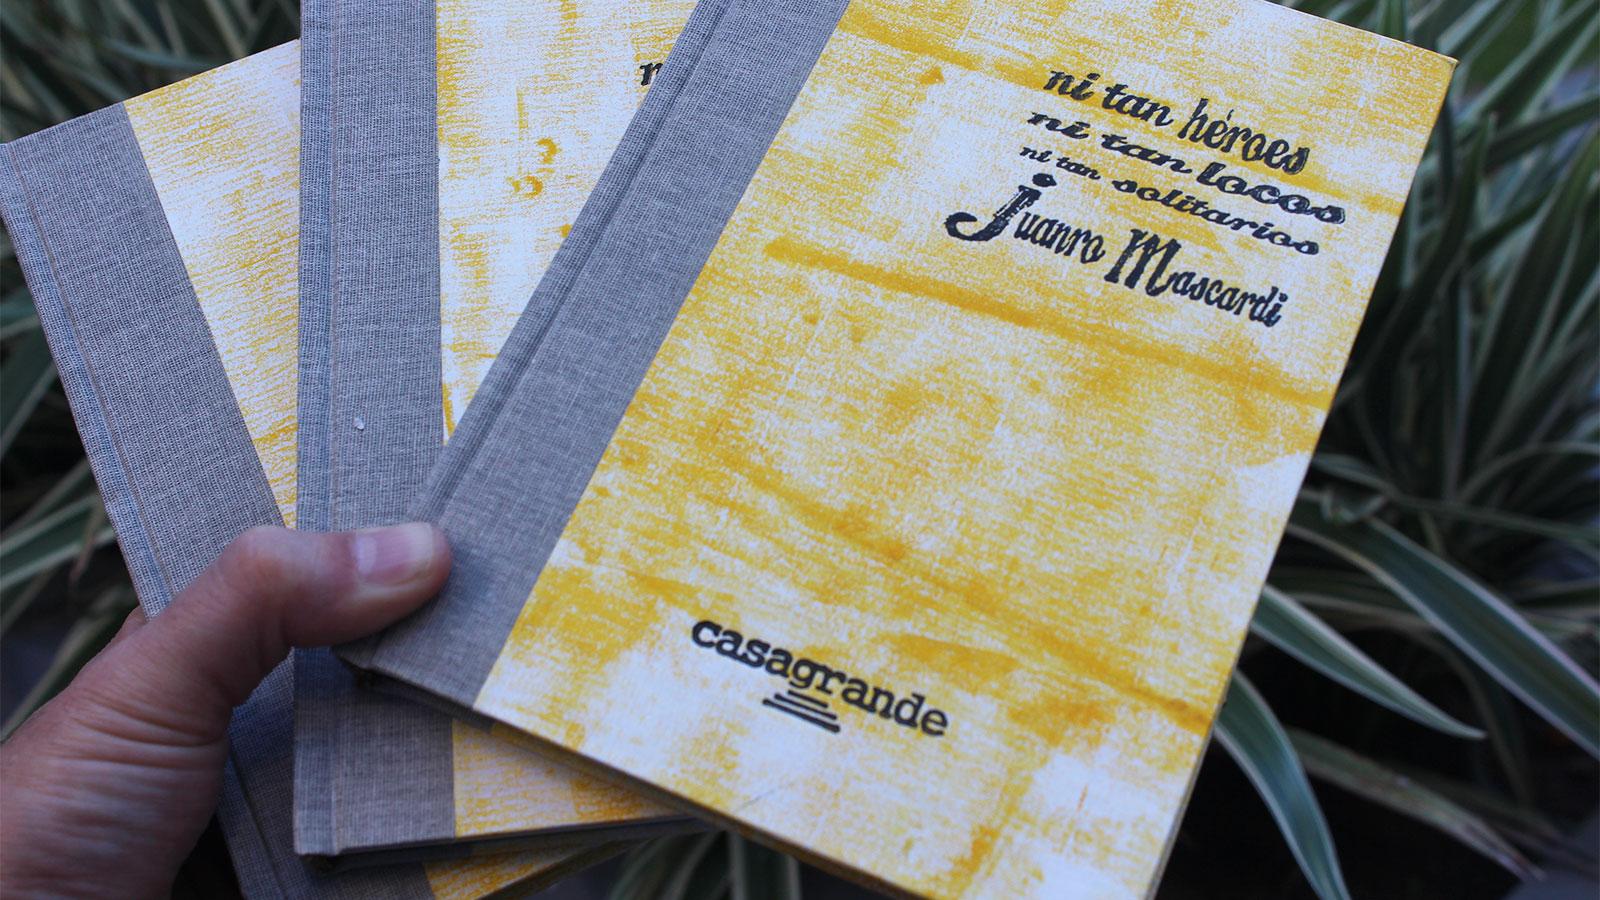 El libro de Mascardi será el último en presentarse.